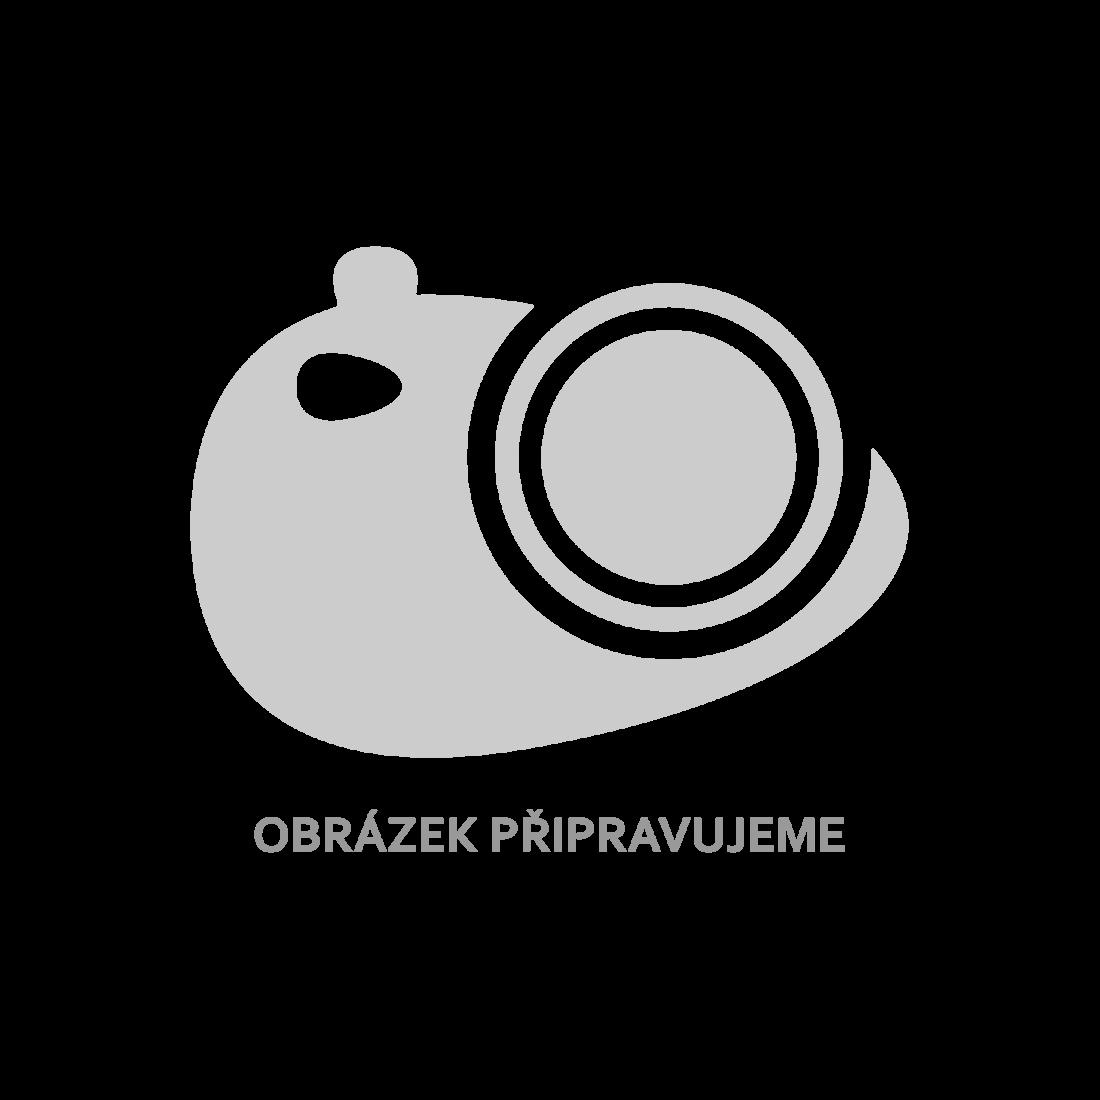 Roleta Zebra / noc a den / Twinroll 140 x 175 cm, šedá